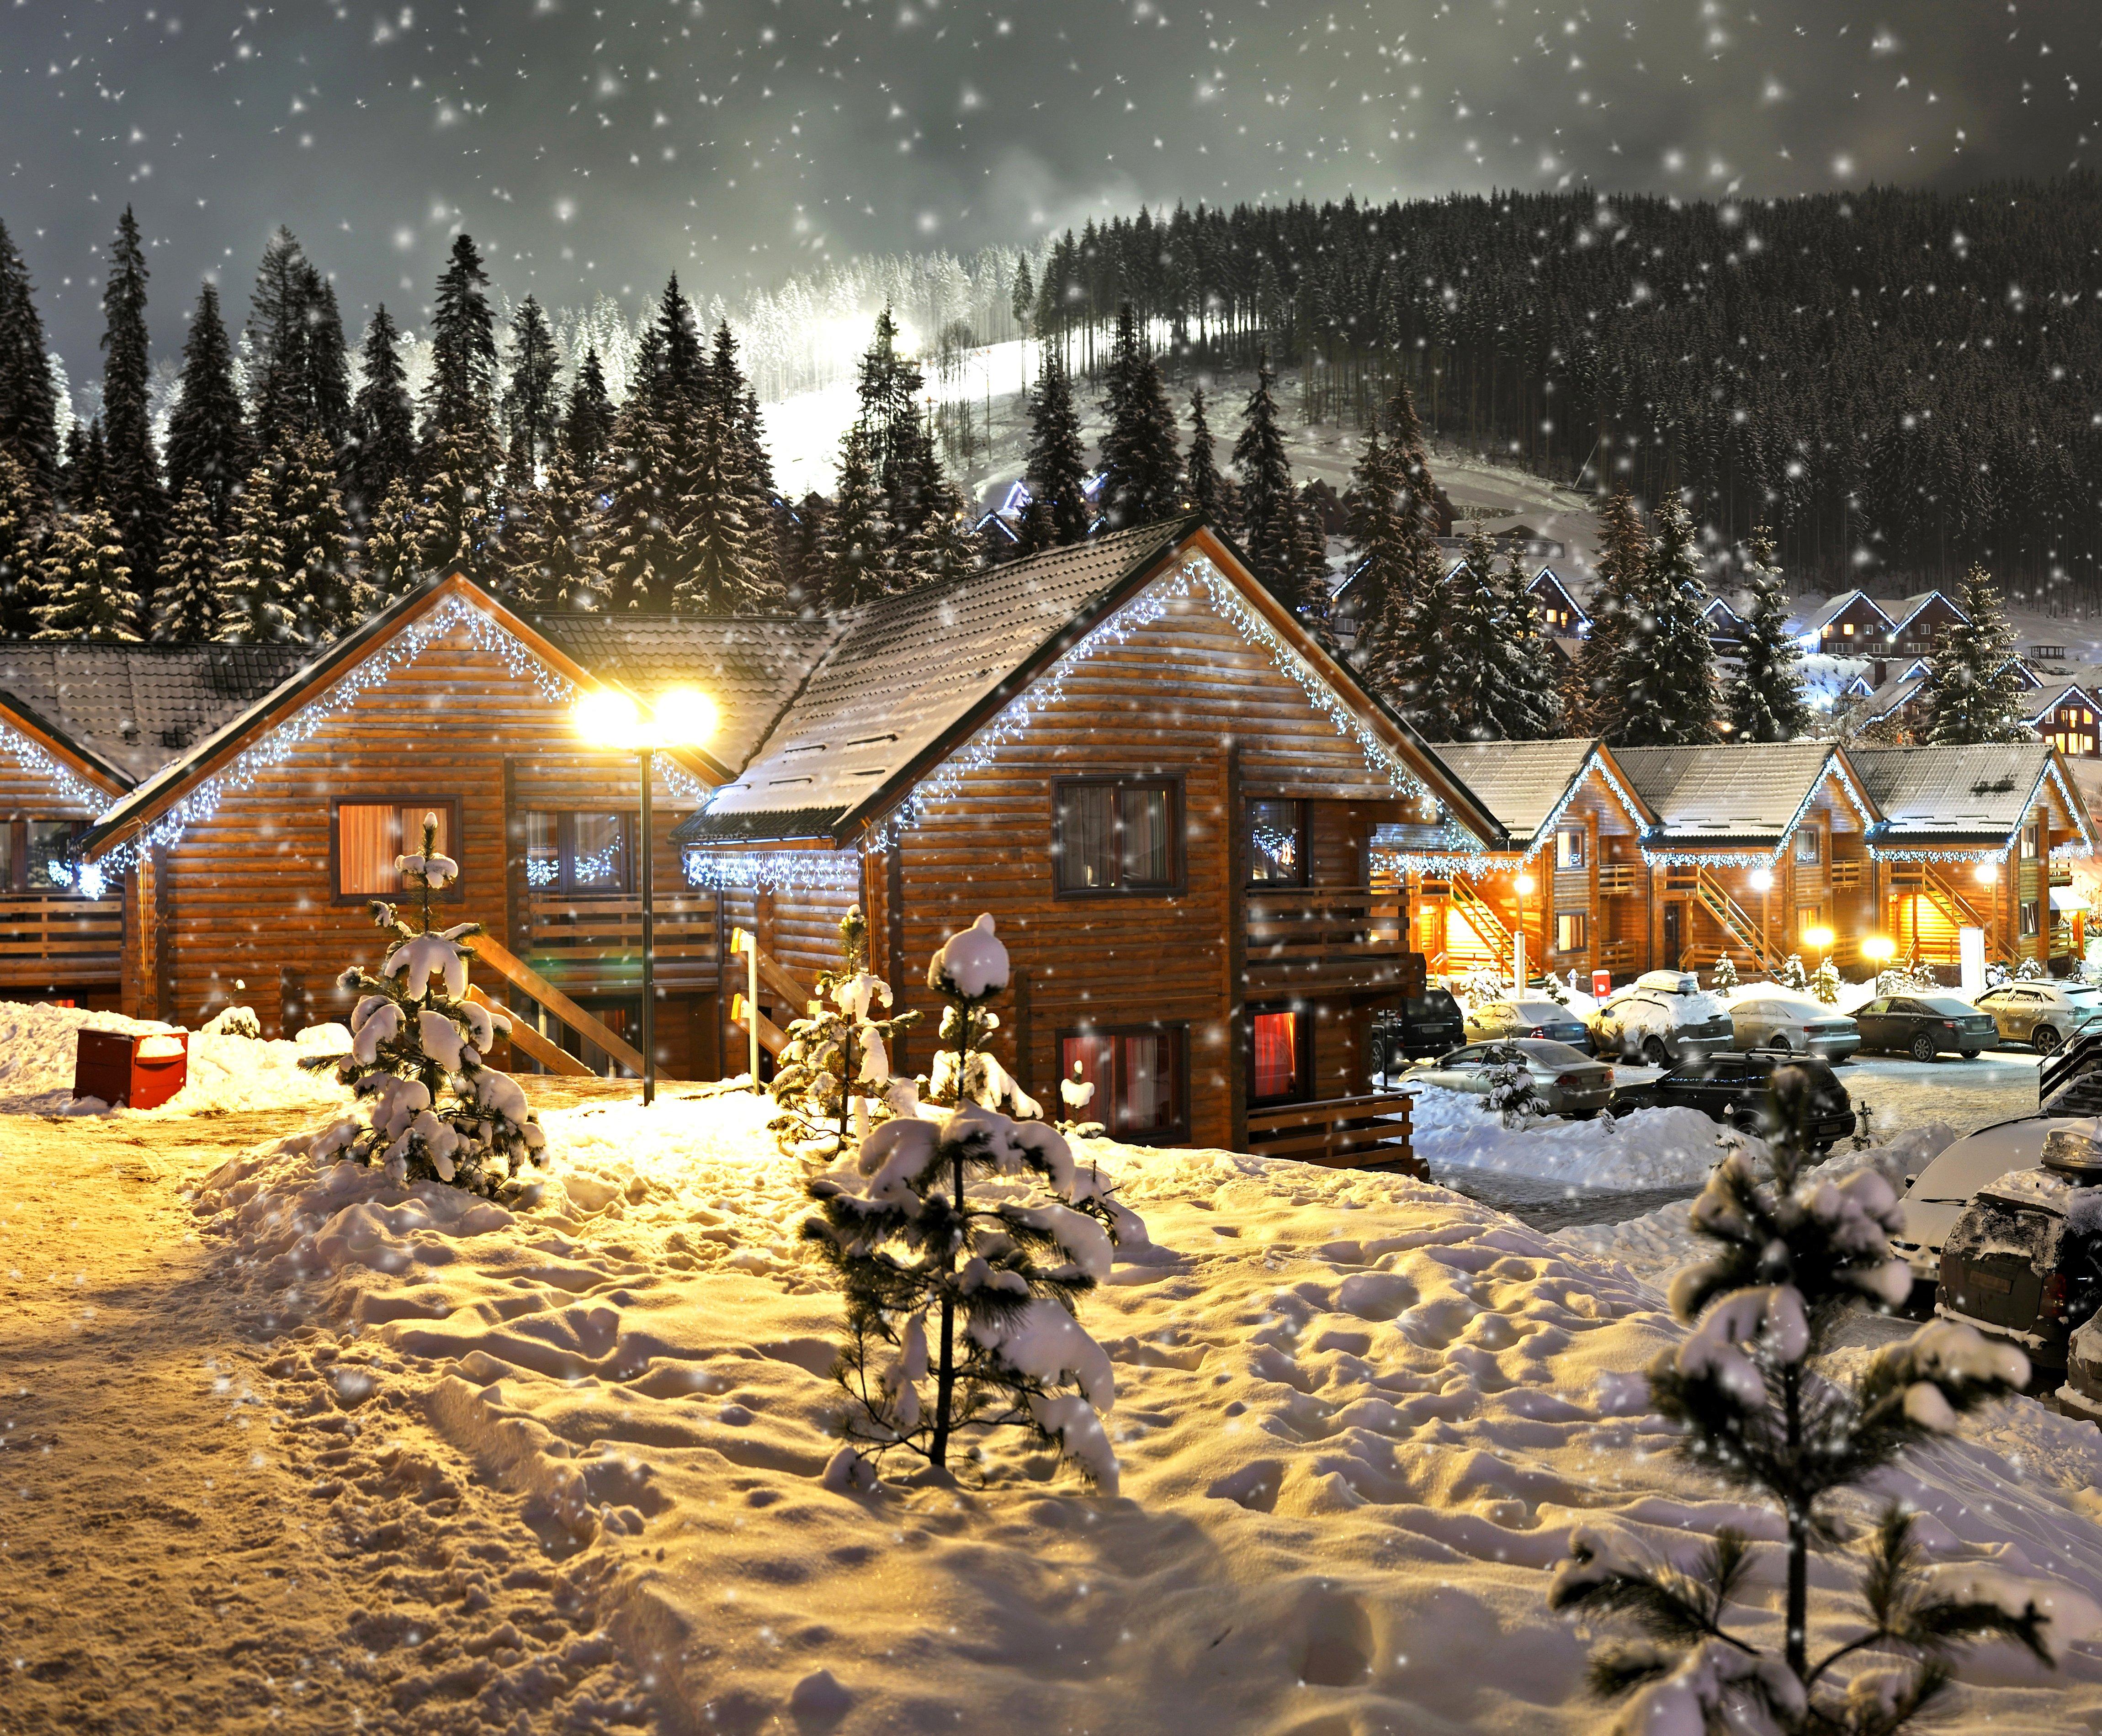 красивые фото новый год зима канадская чашка